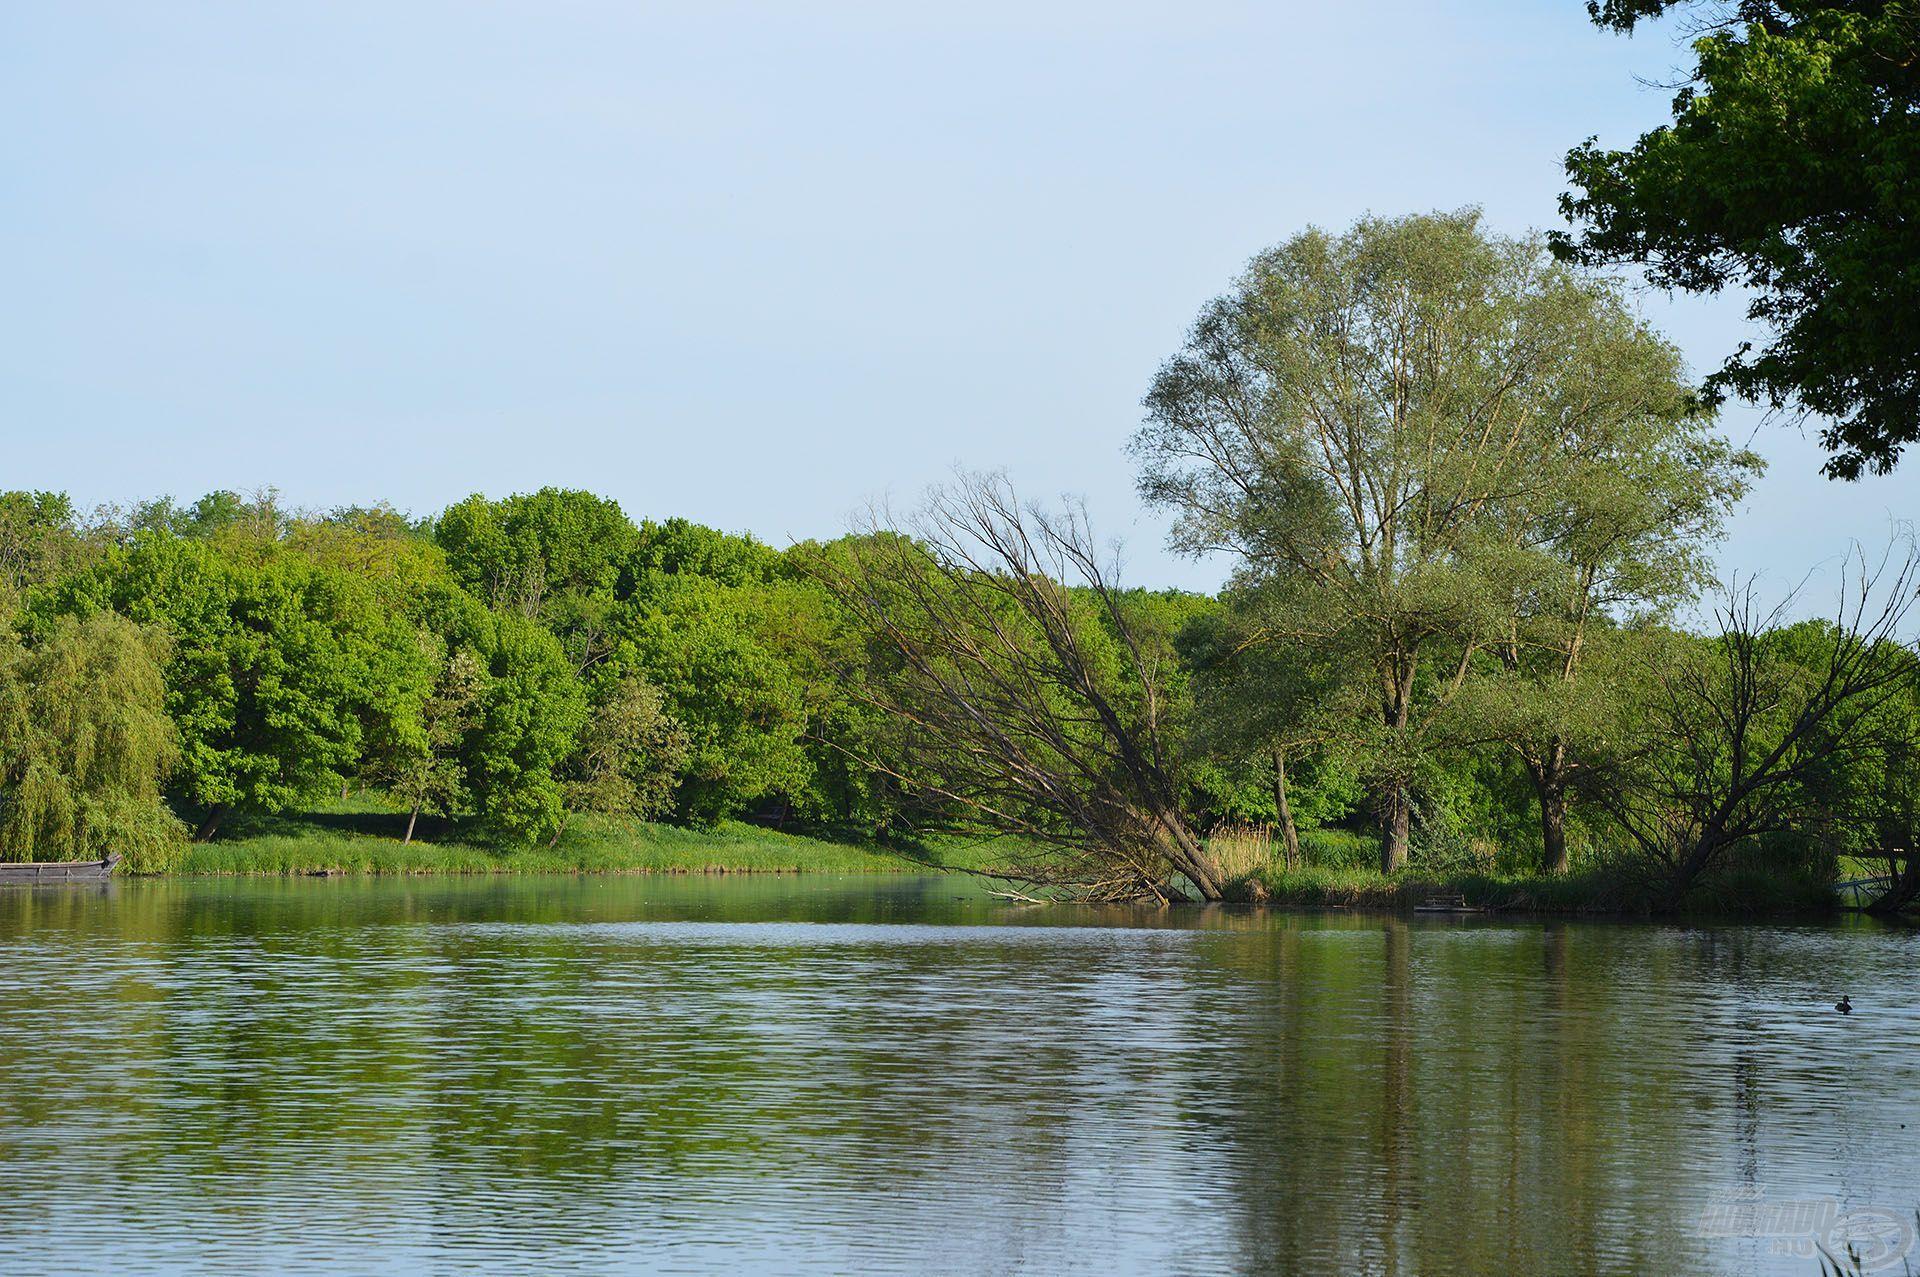 Gyönyörű, természetközeli, vadregényes környezet jellemzi a tavat…